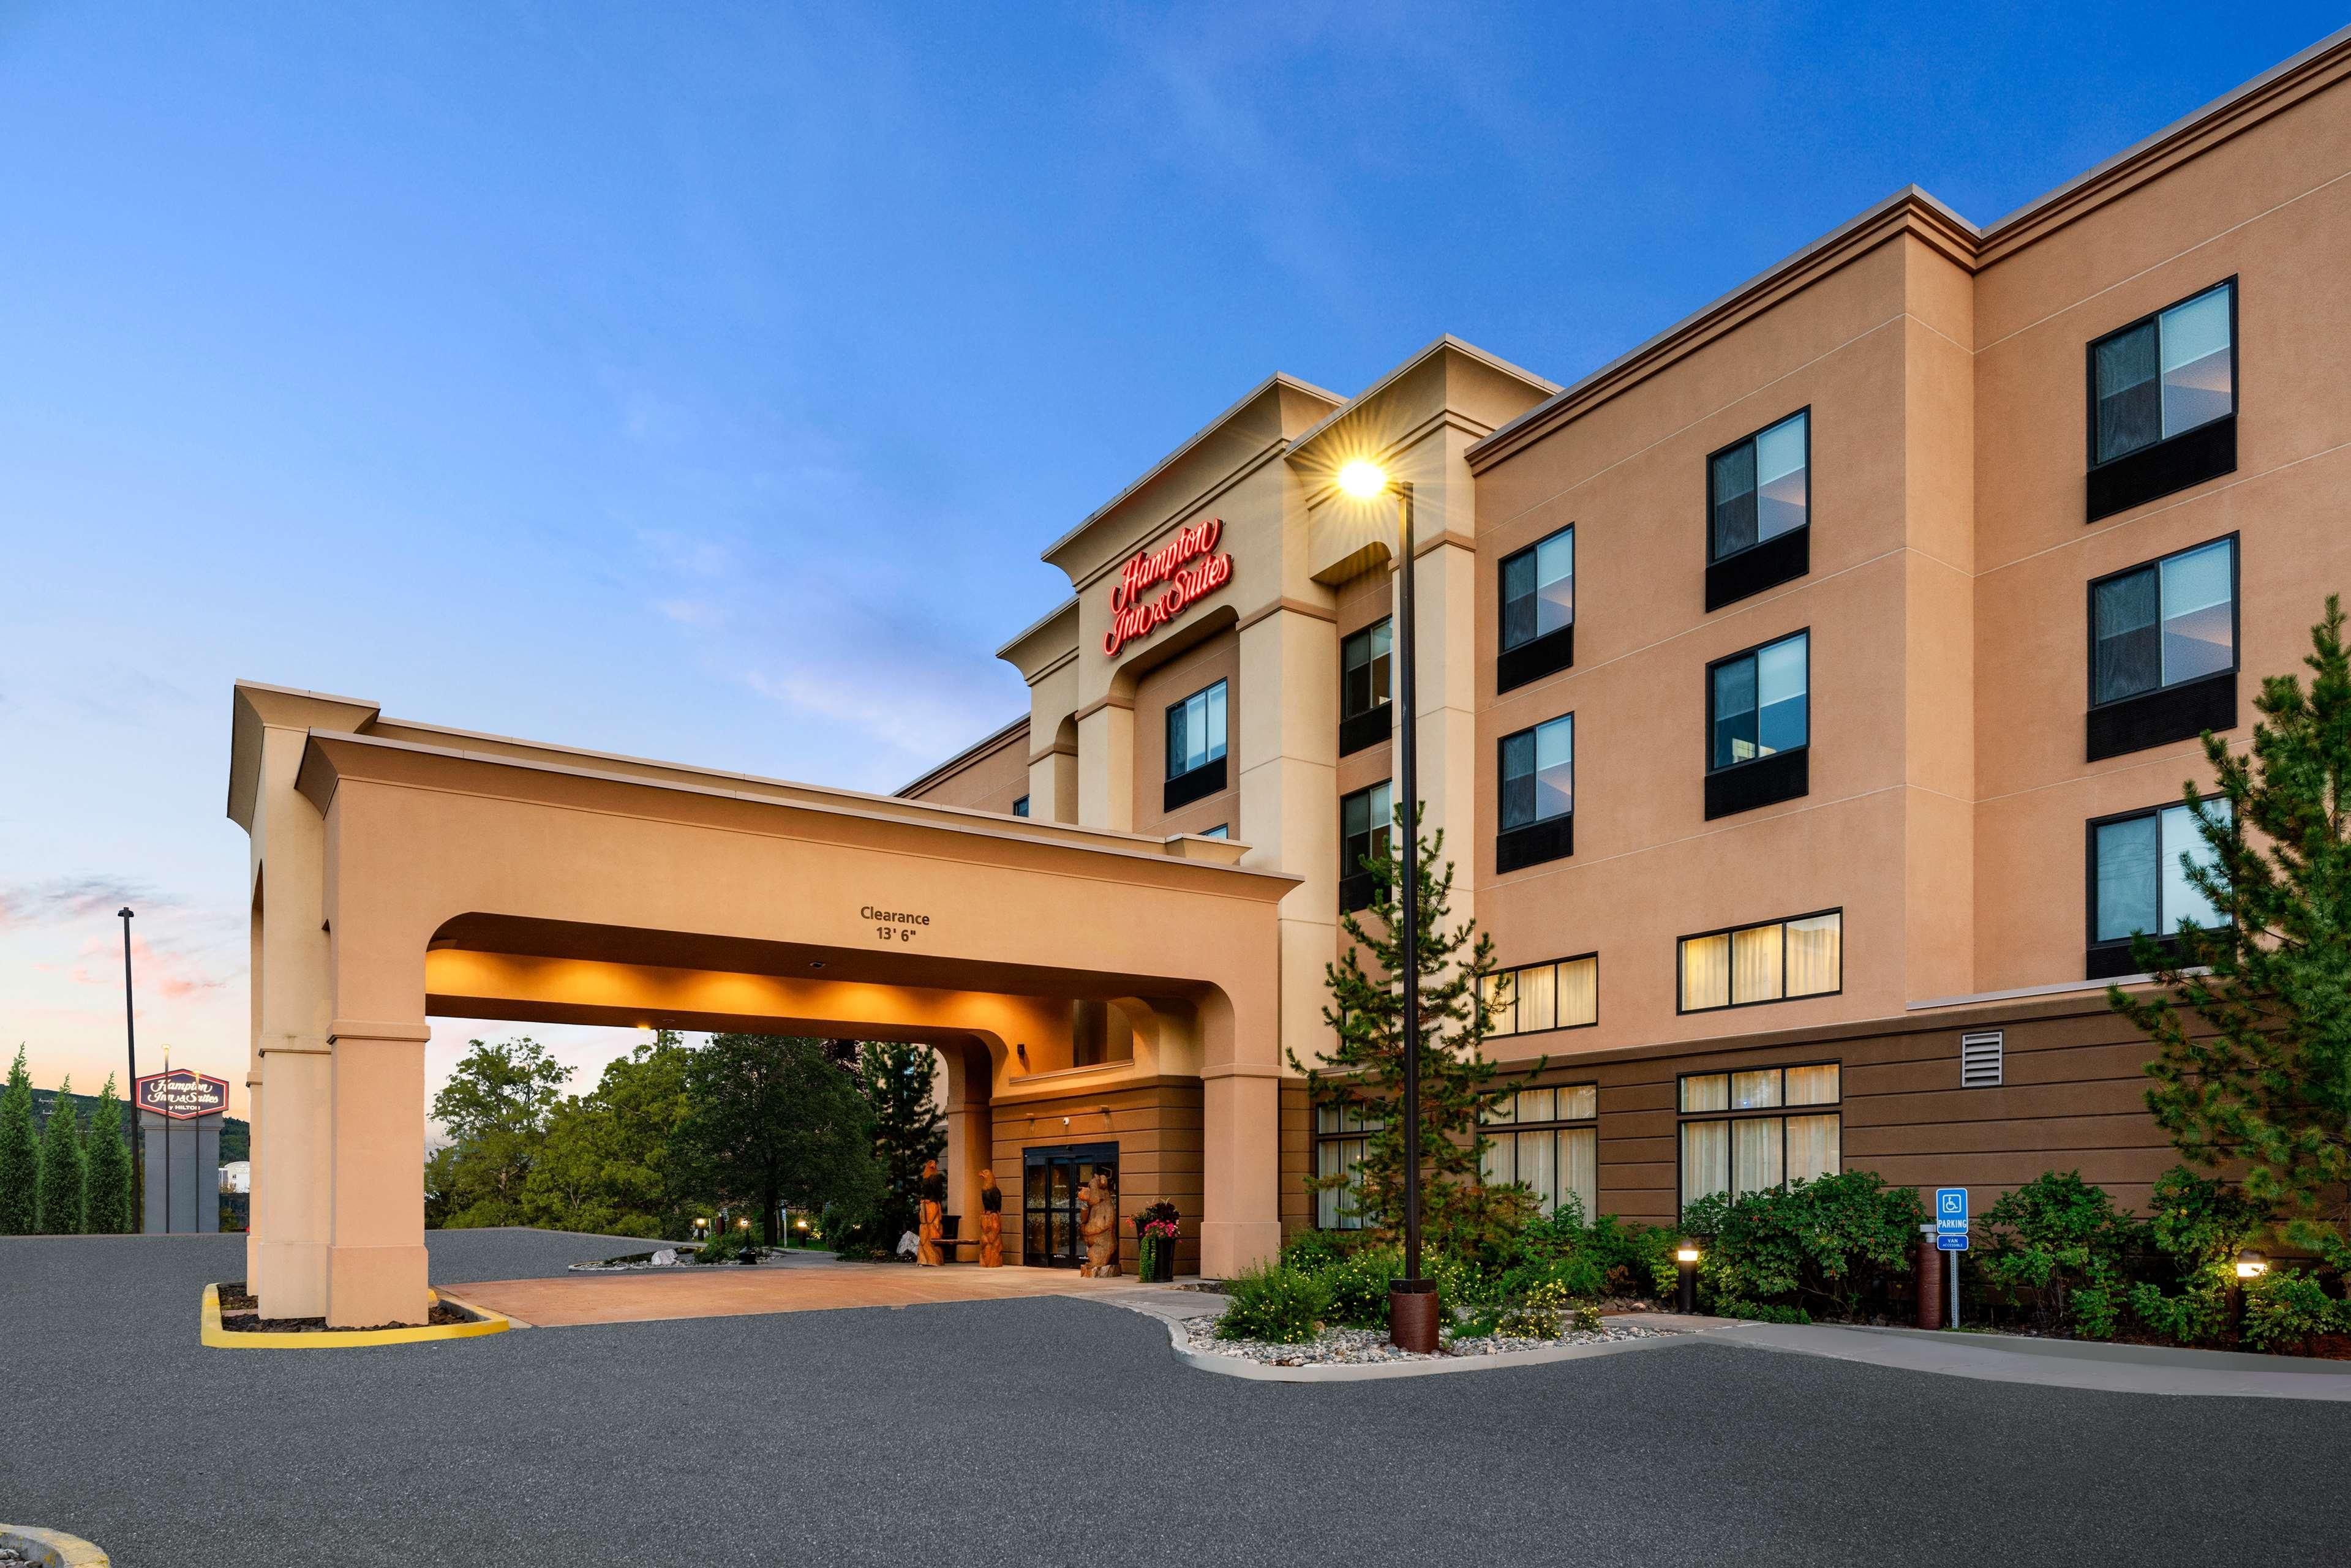 Hampton Inn & Suites Fairbanks, Fairbanks North Star